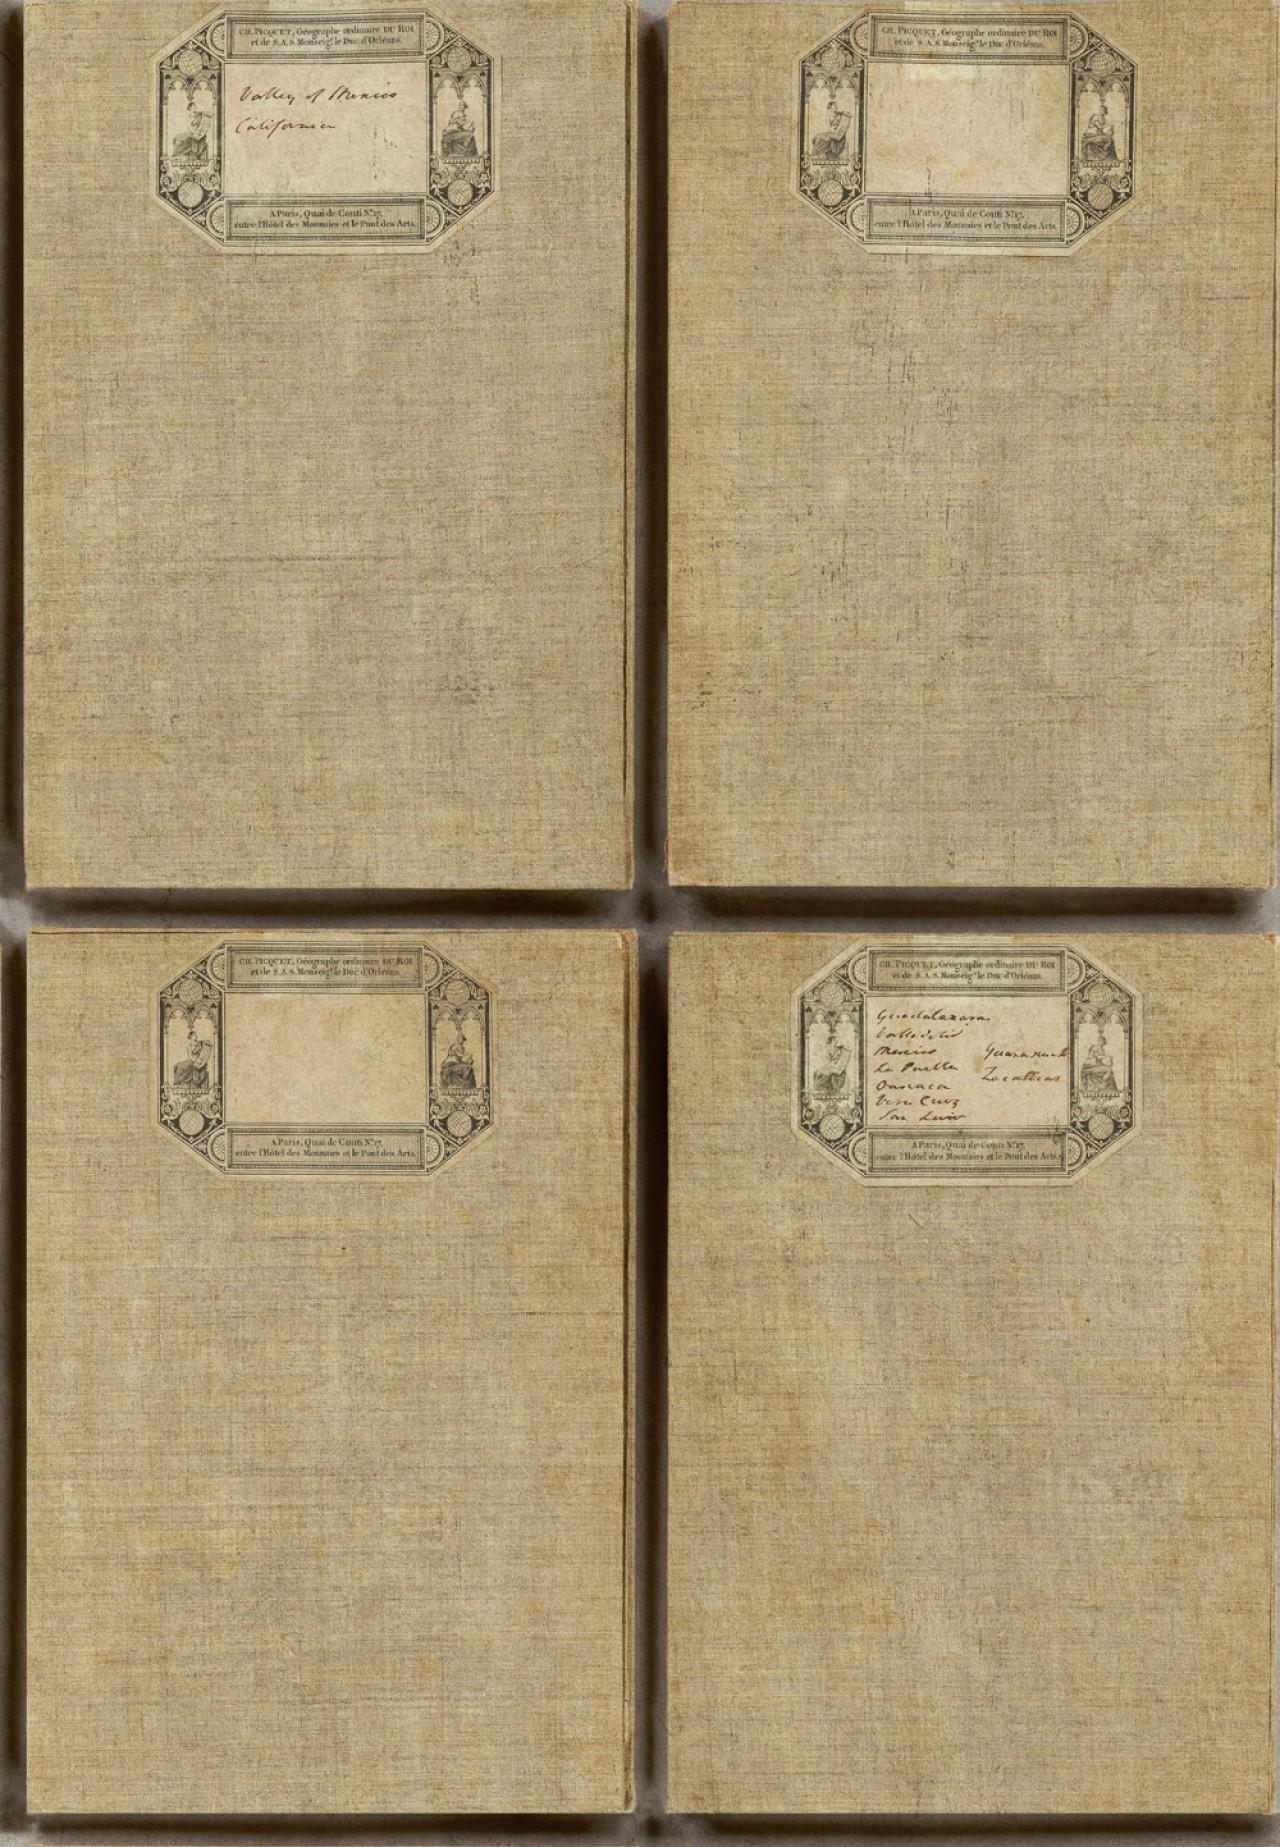 FABRIC COVERS ANTIQUE Premium Wallpaper